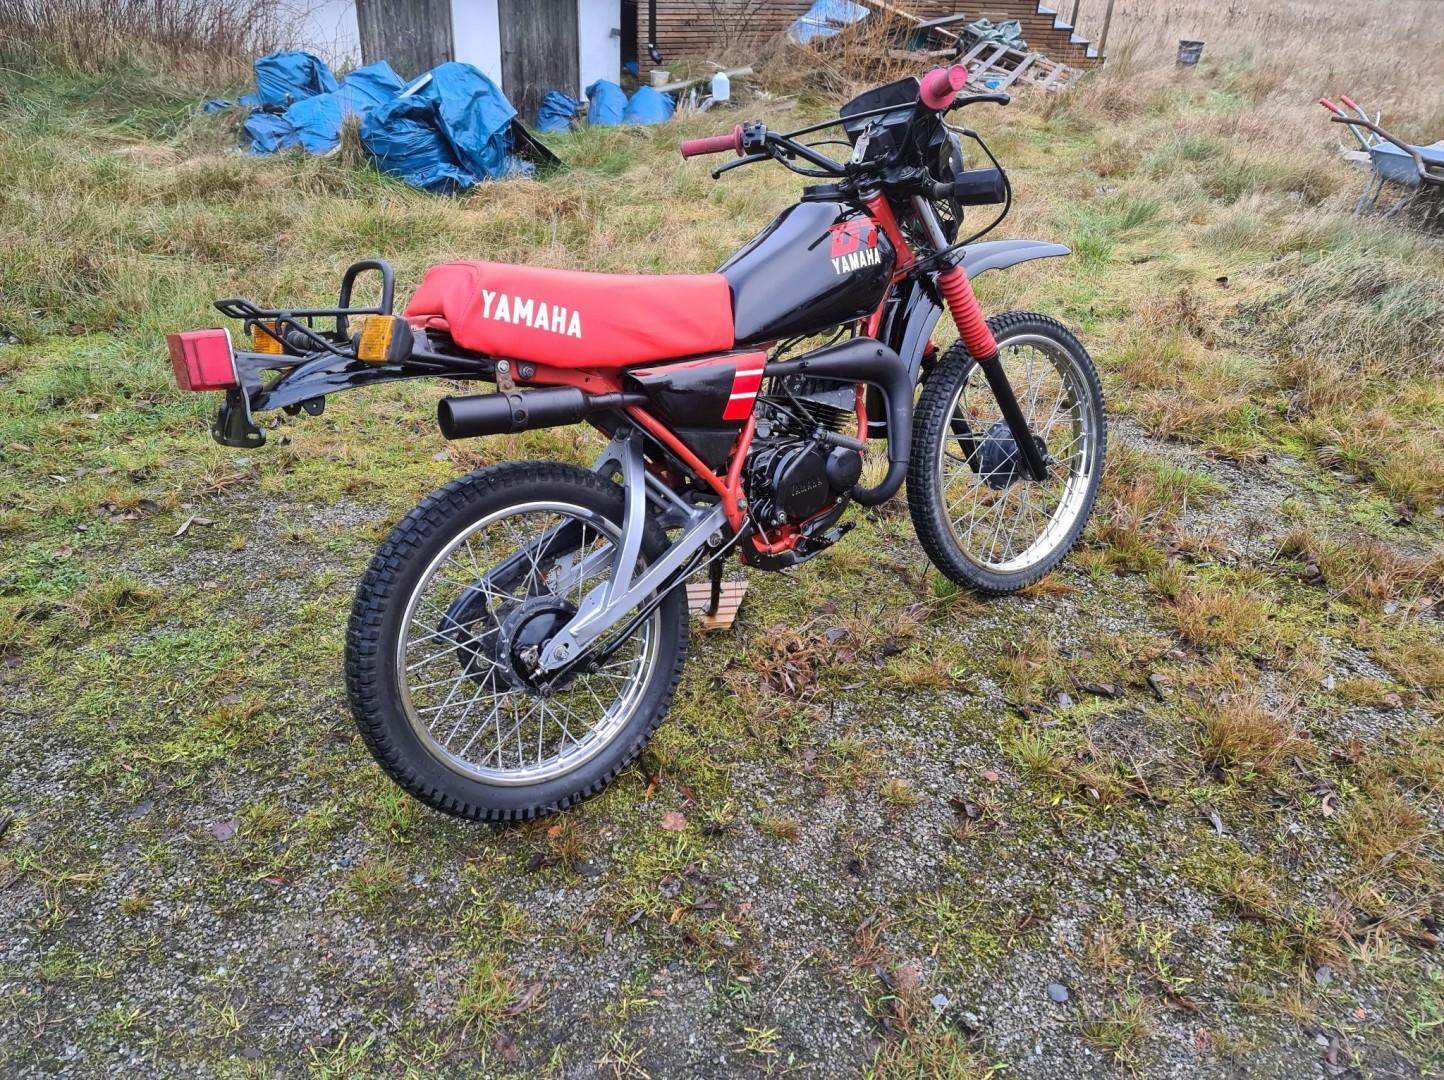 YamahaDT50MX4